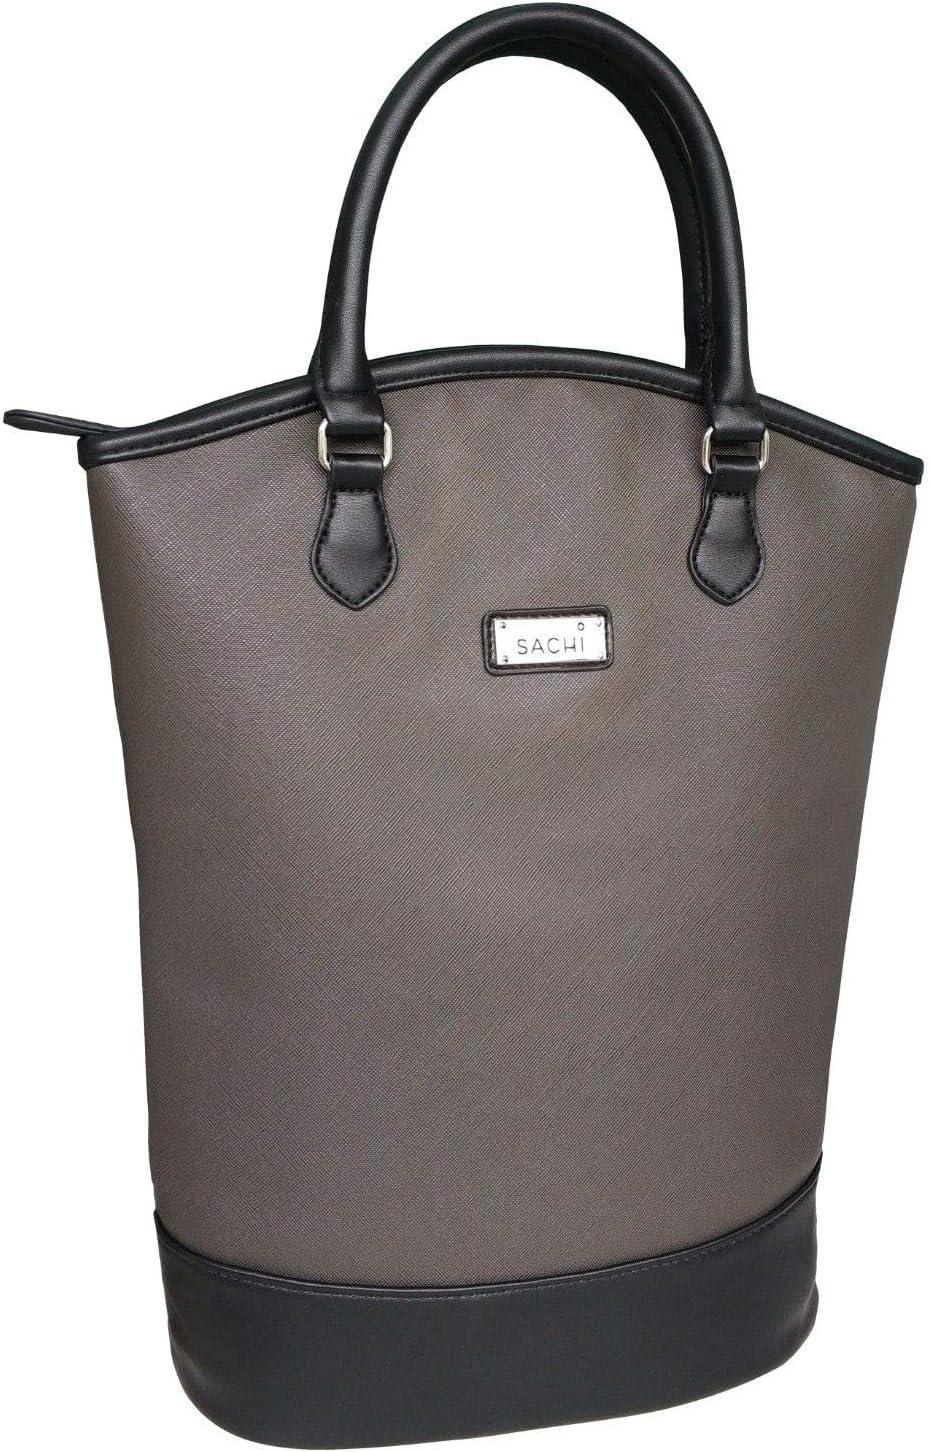 Sachi Wine Bottle Insulated Cooler Bag Tote Carrier Purse Handbag BLACK